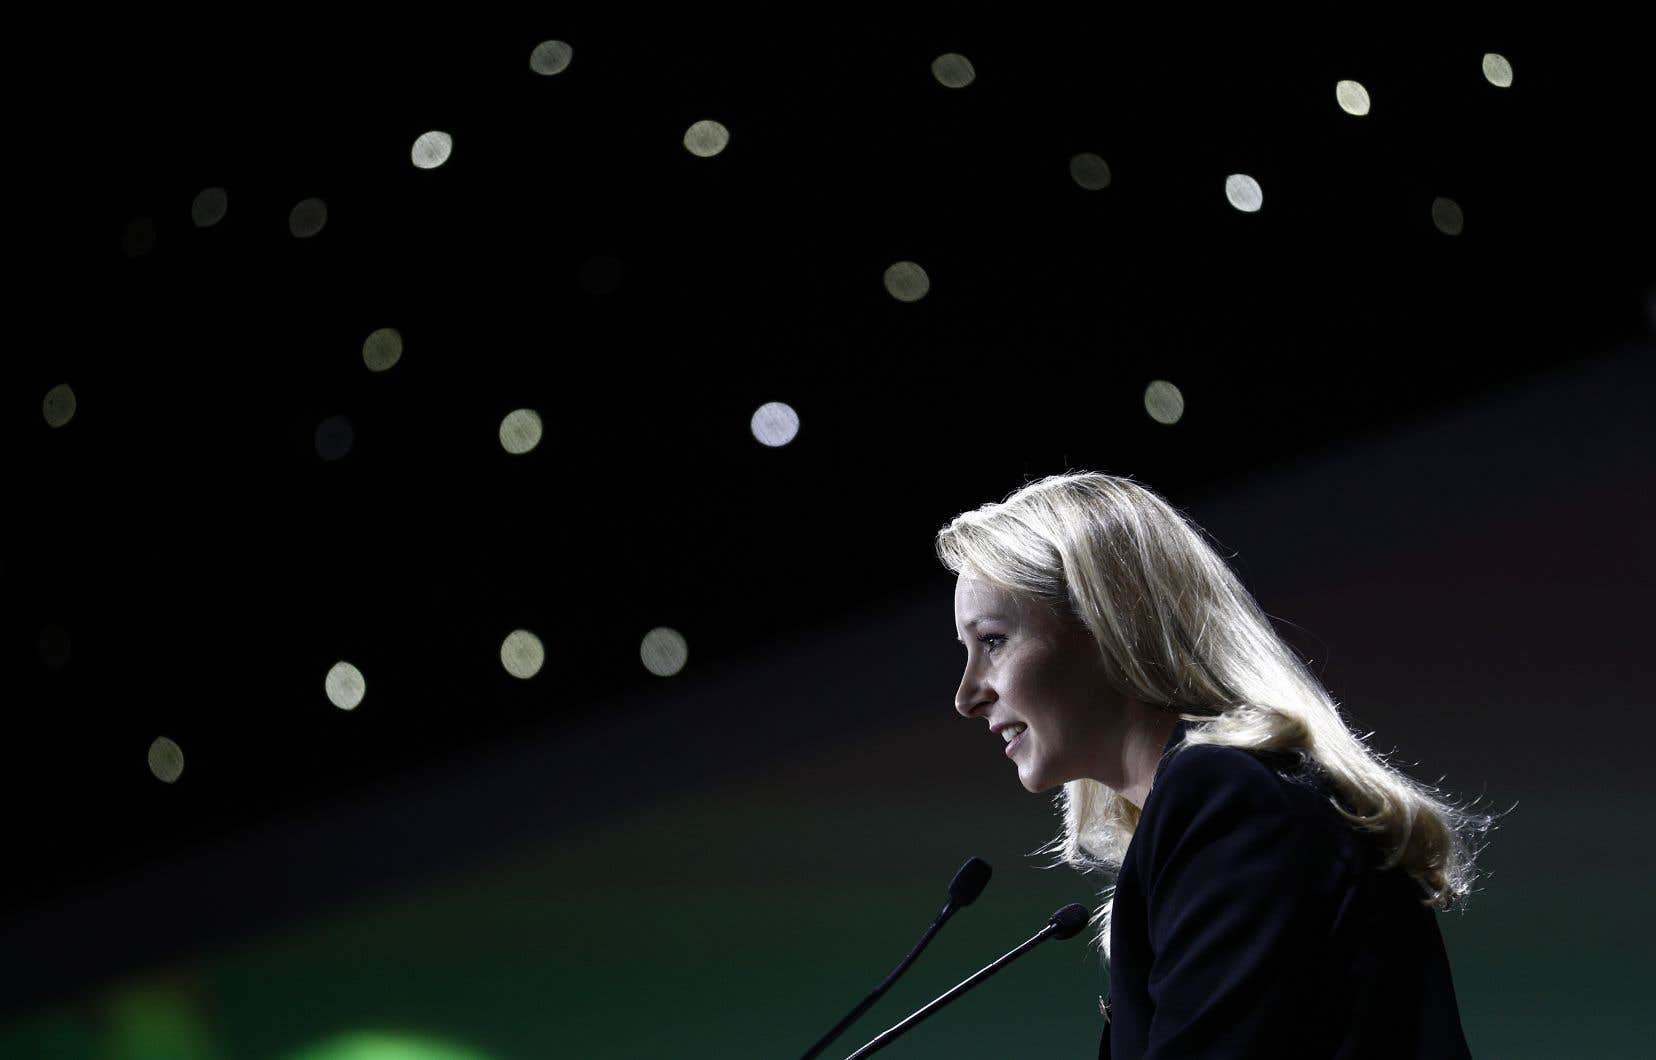 La nièce de  Marine Le Pen, Marion Maréchal